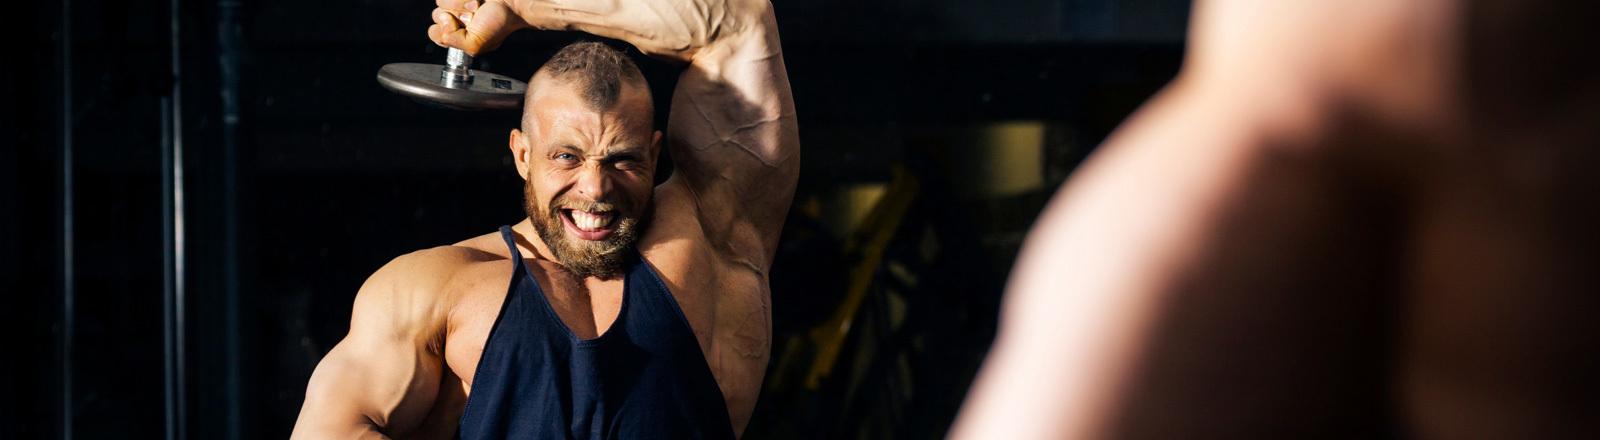 Ein Bodybuilder mit dicken Armen steht vor dem Spiegel und schaut sich dabei zu, wie er Gewichte hebt.